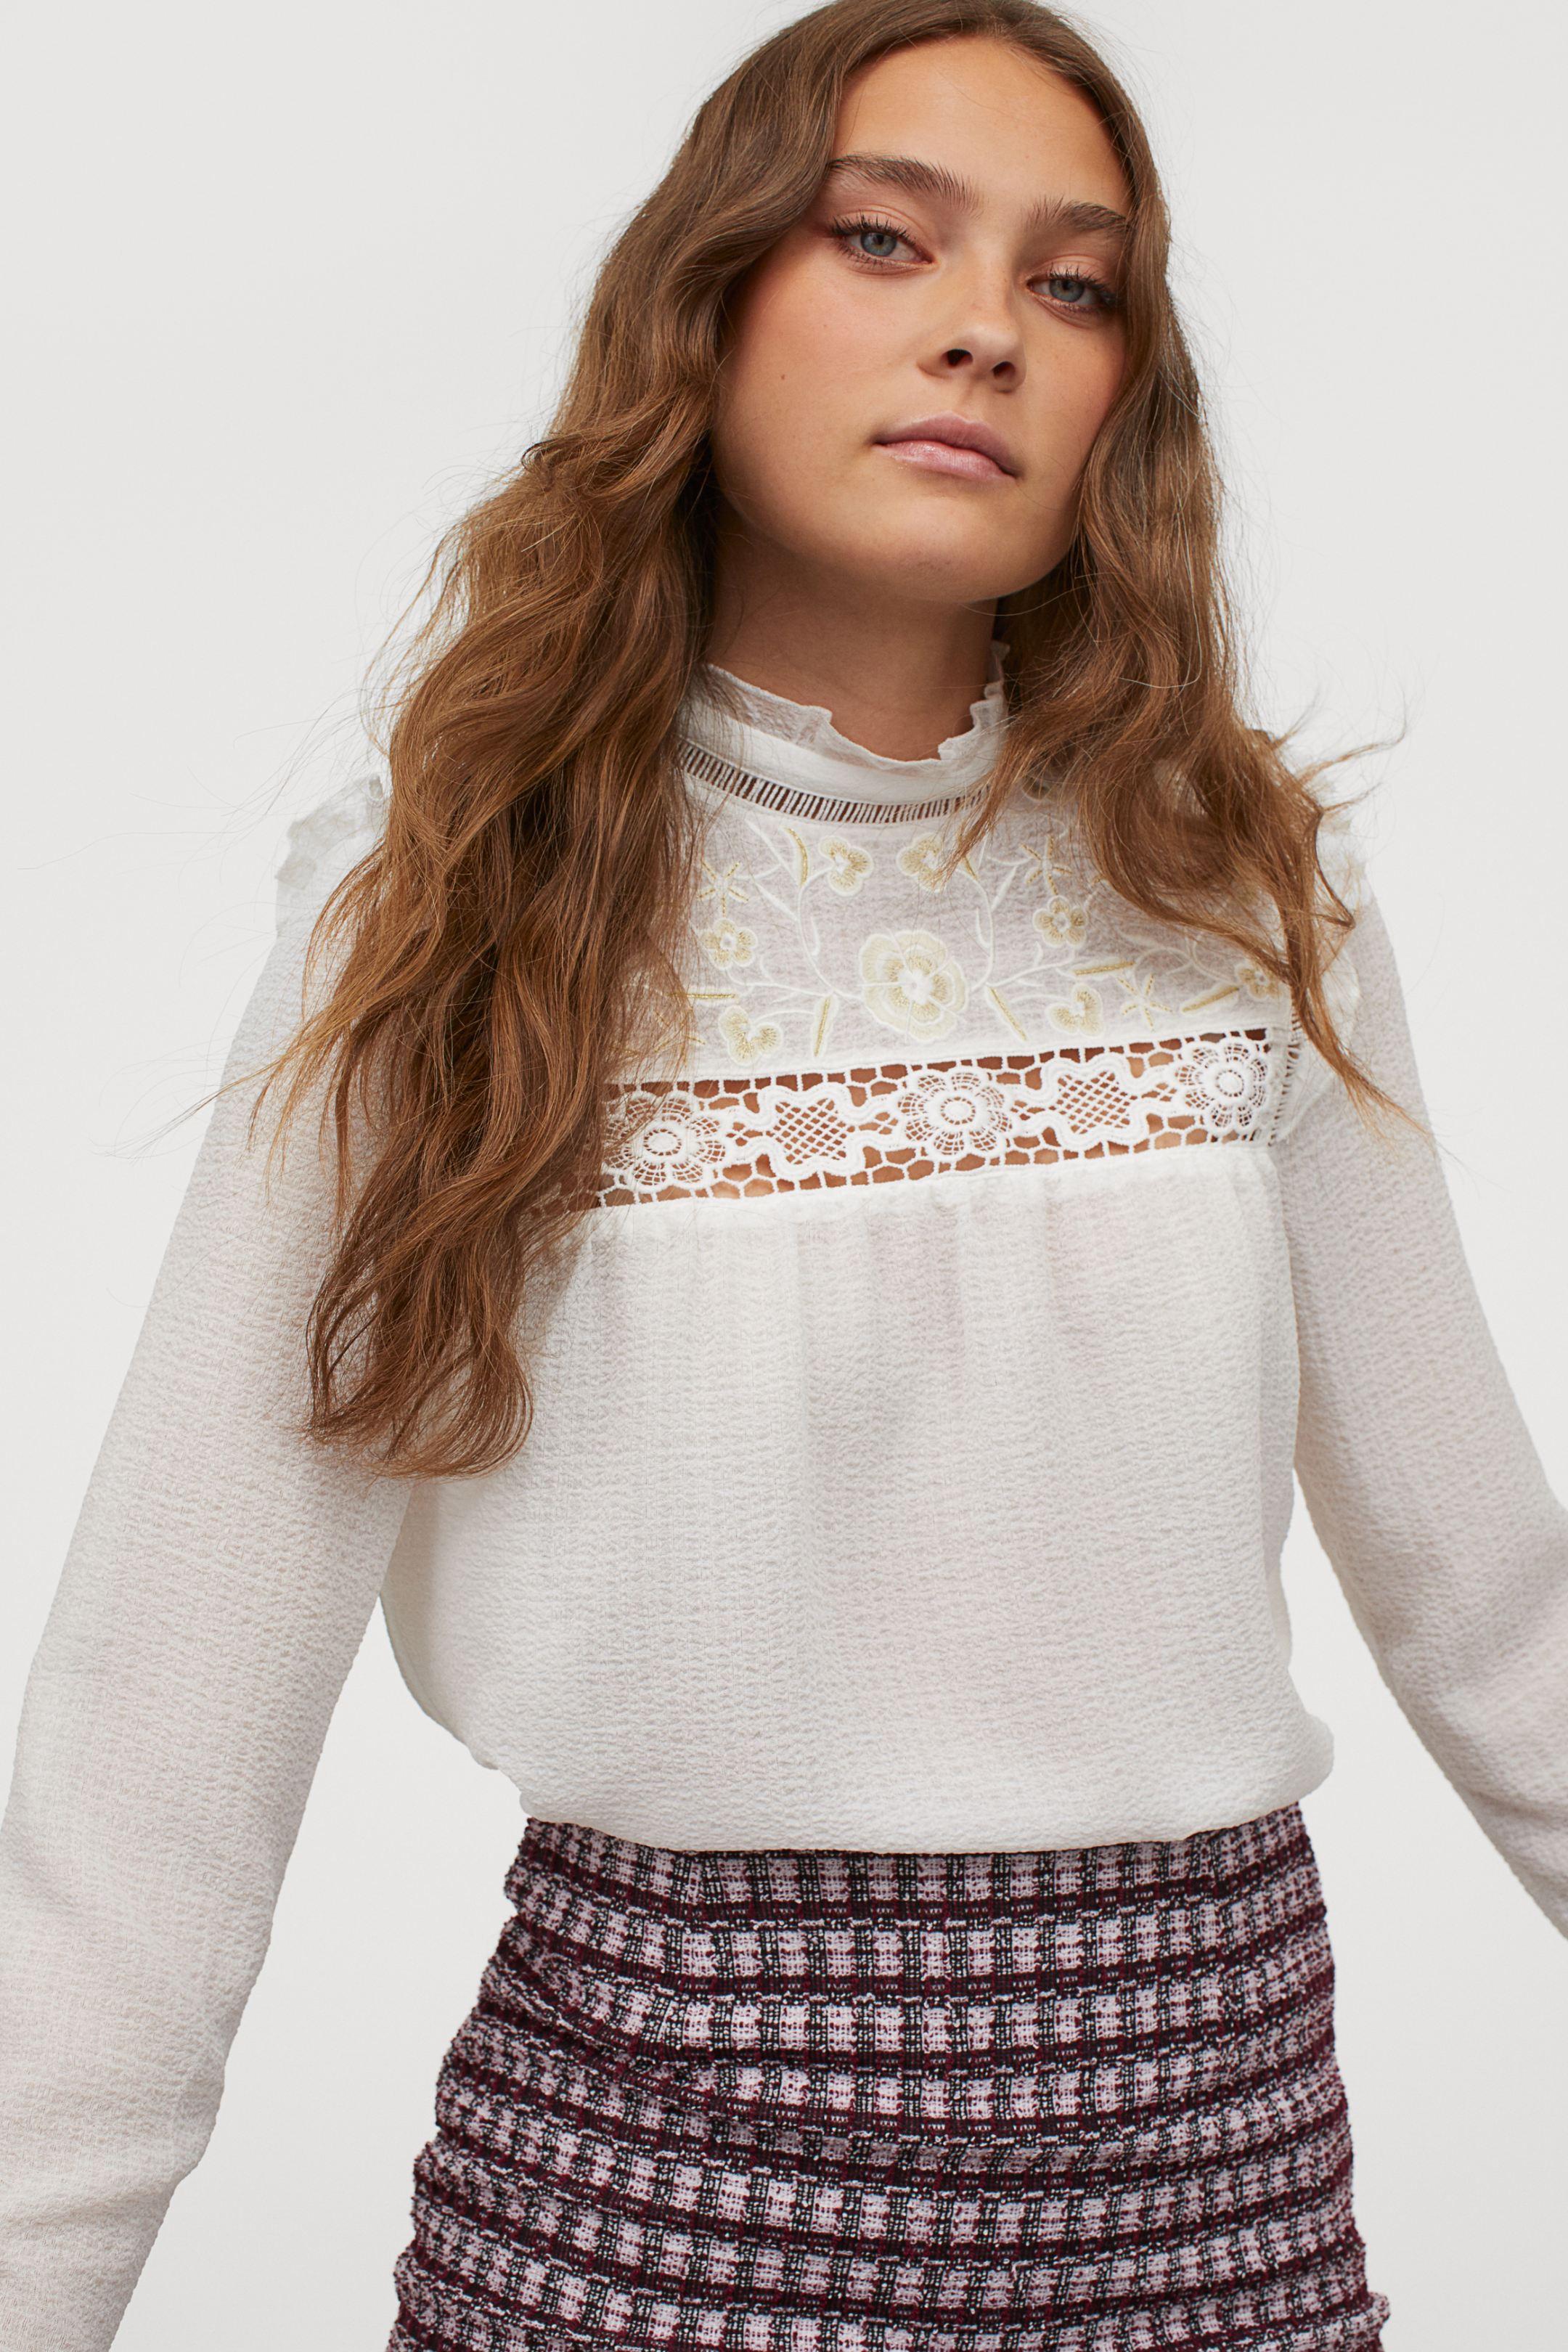 Blusa bordada con cuello alto